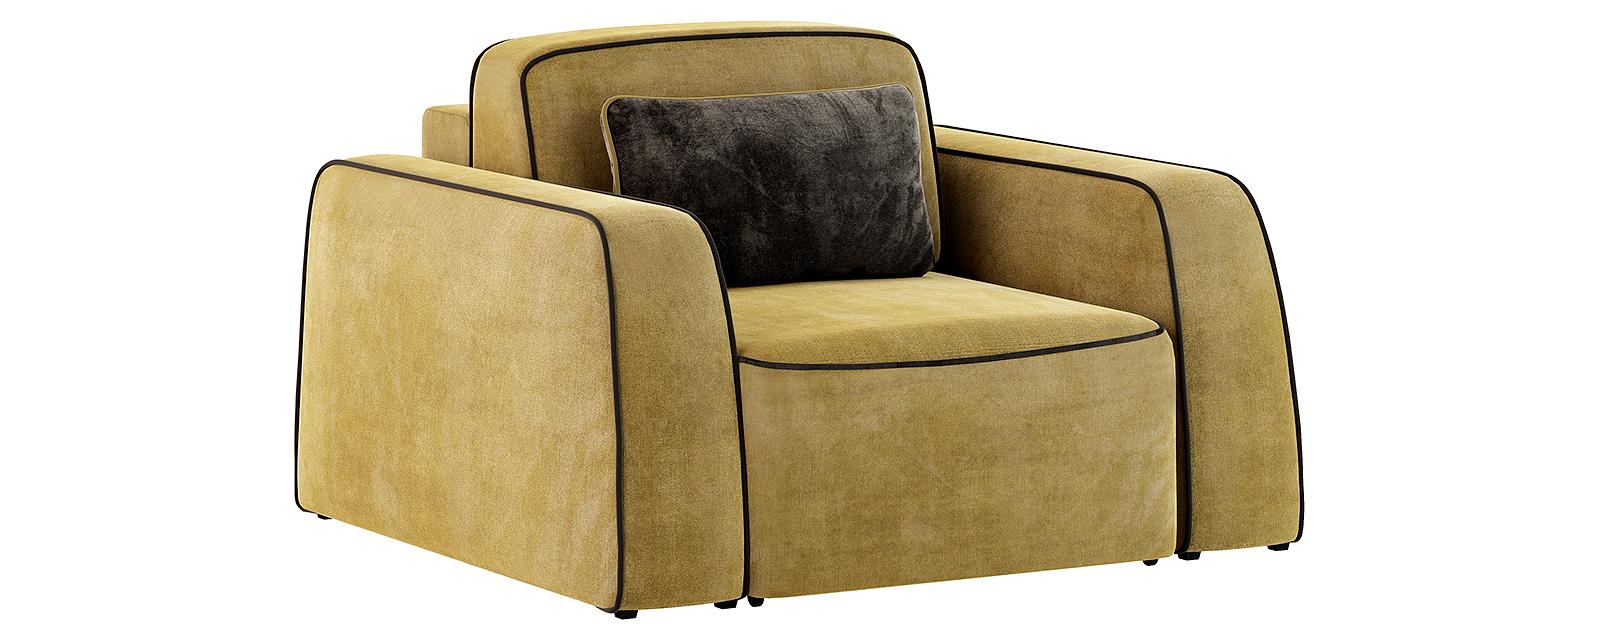 Кресло тканевое Портленд 80 см Velure оливковый/тёмно-коричневый (Велюр)